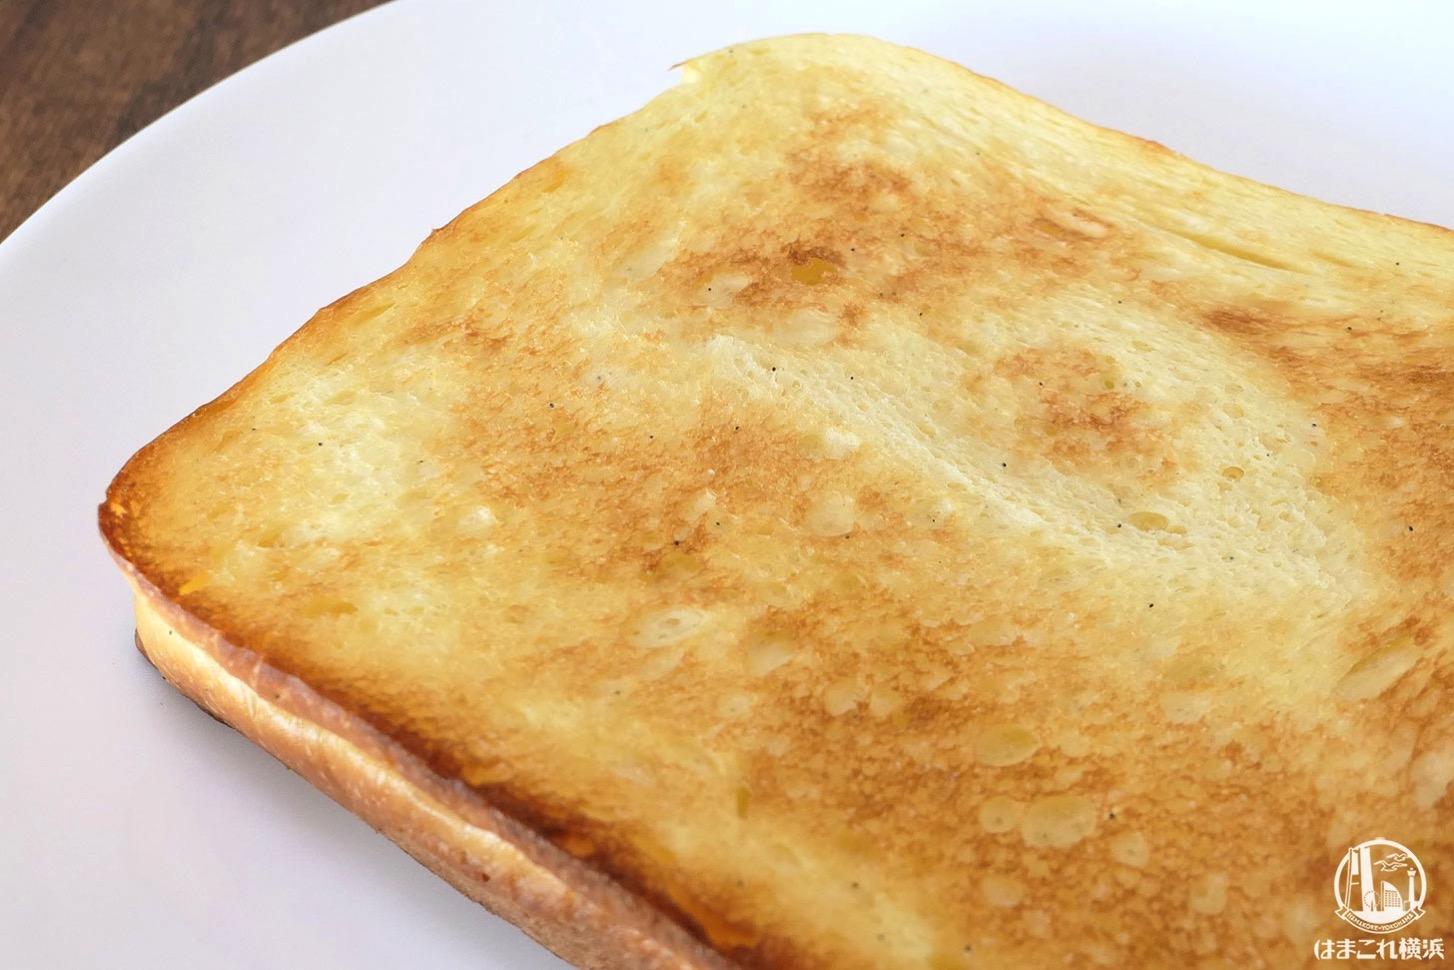 トースターで焼いた食パン「ふわ」